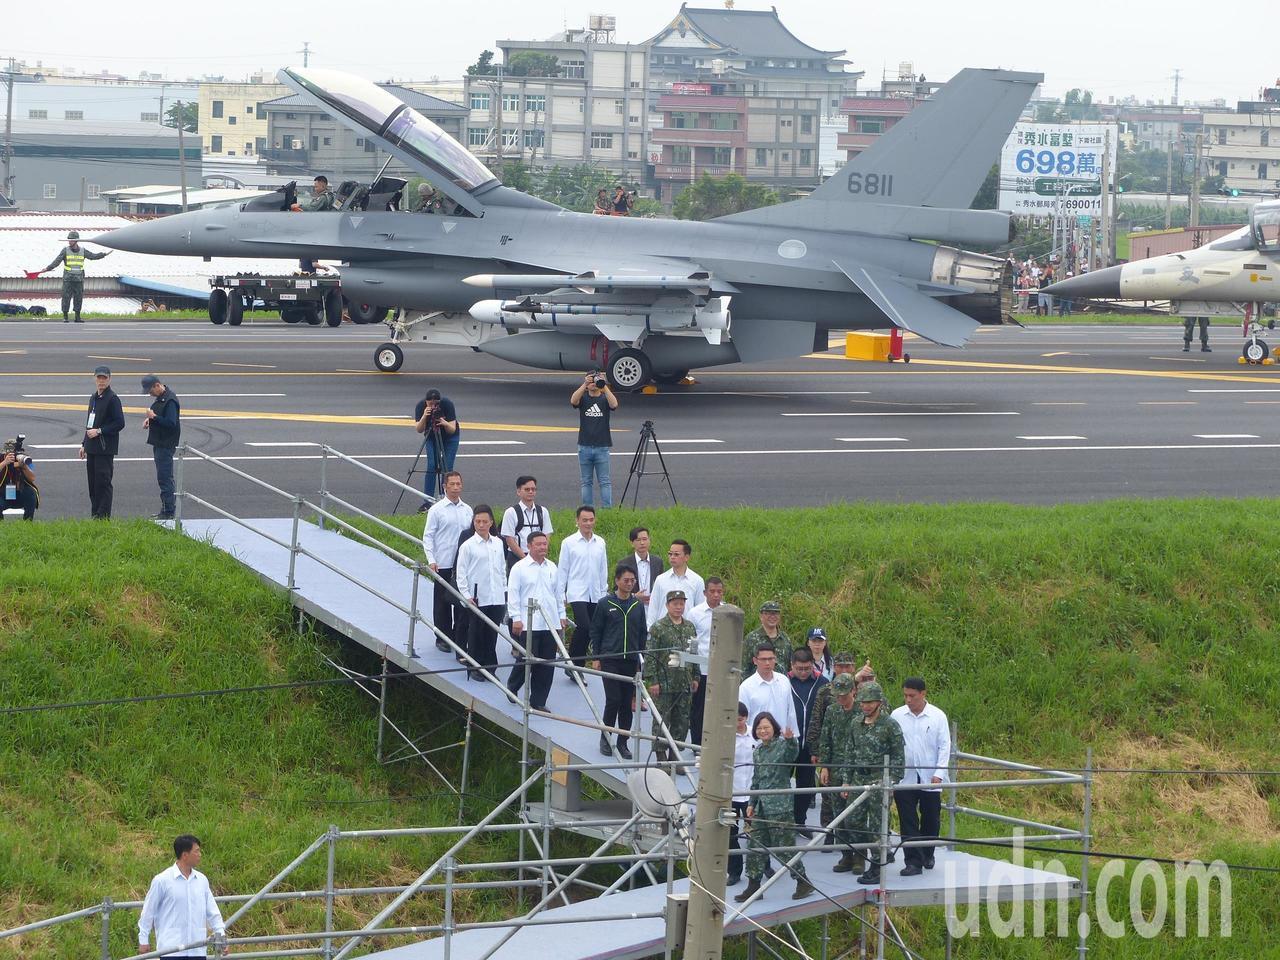 漢光演習看戰機英姿 彰化戰備道周邊好塞